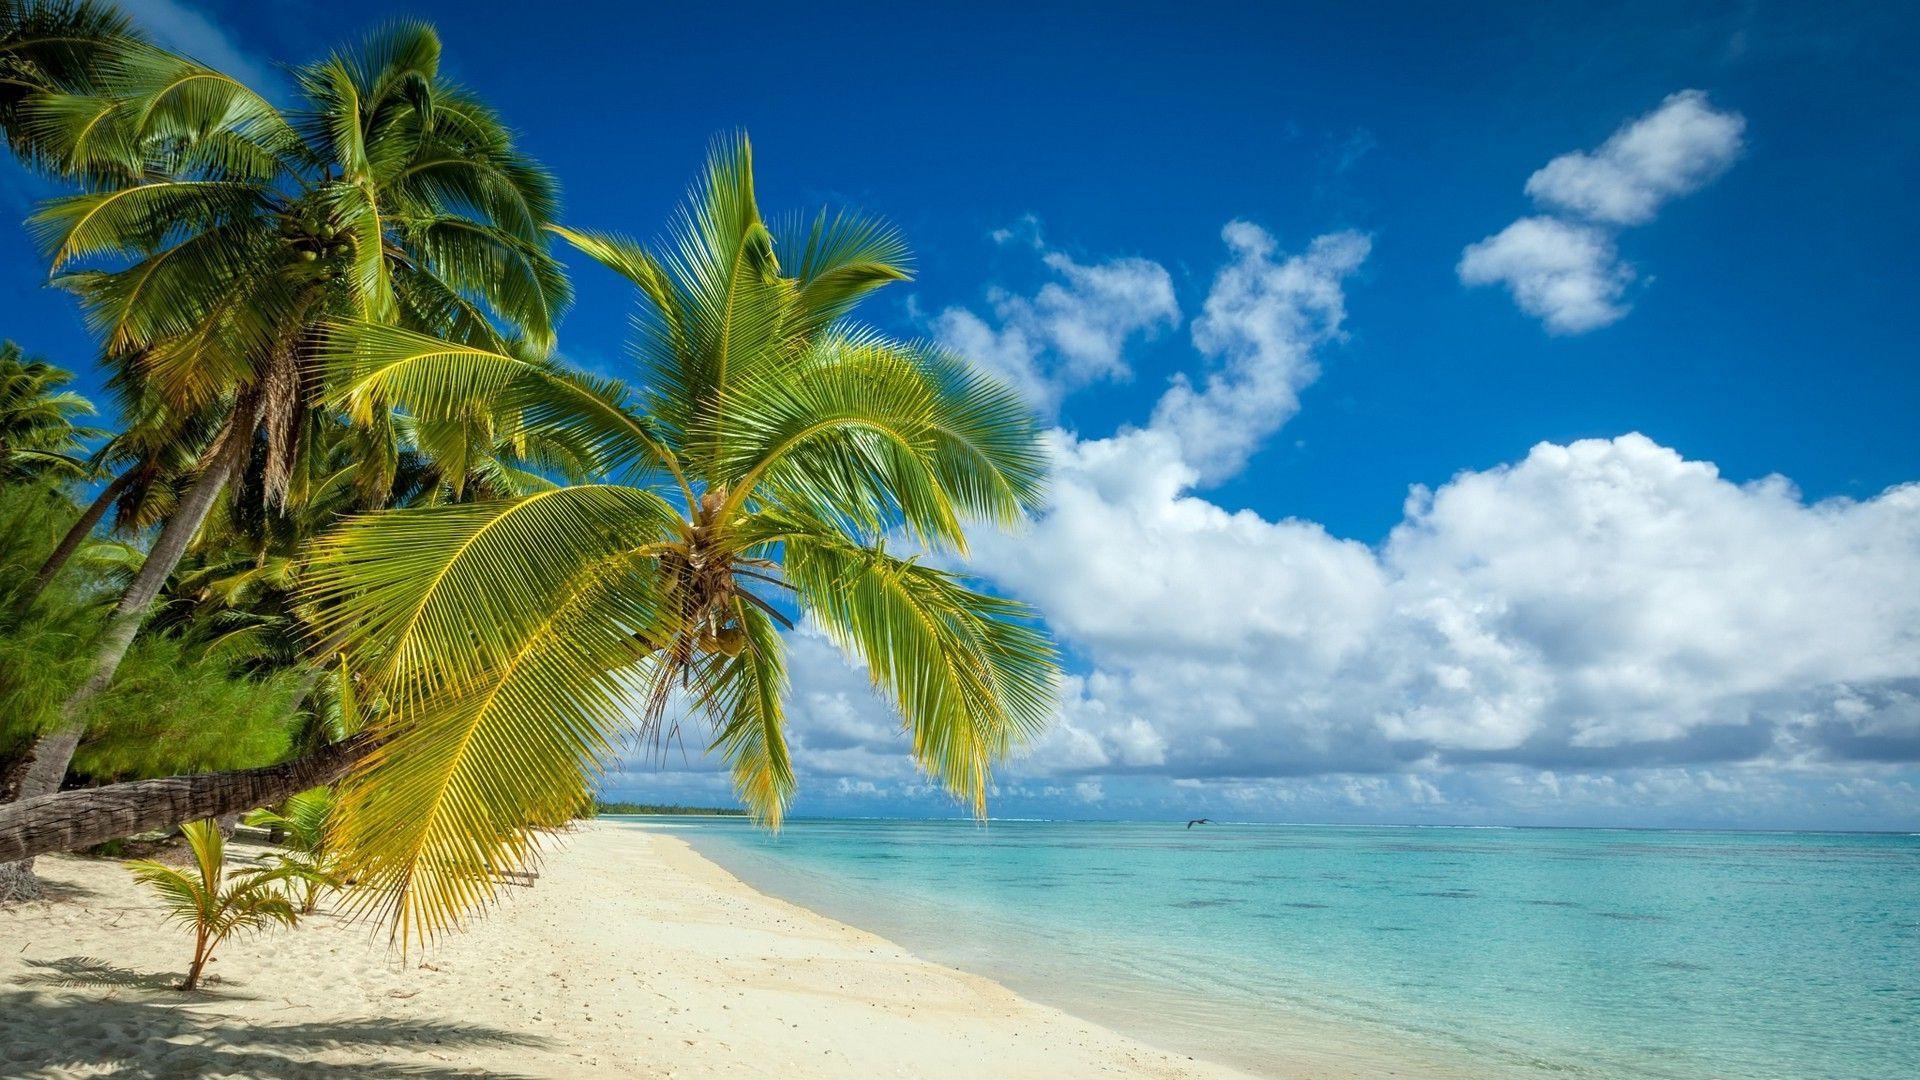 1920x1080 Palm Island hình nền.  Hình nền đảo đẹp, Hình nền đảo tuyệt vời và Hình nền đảo lãng mạn